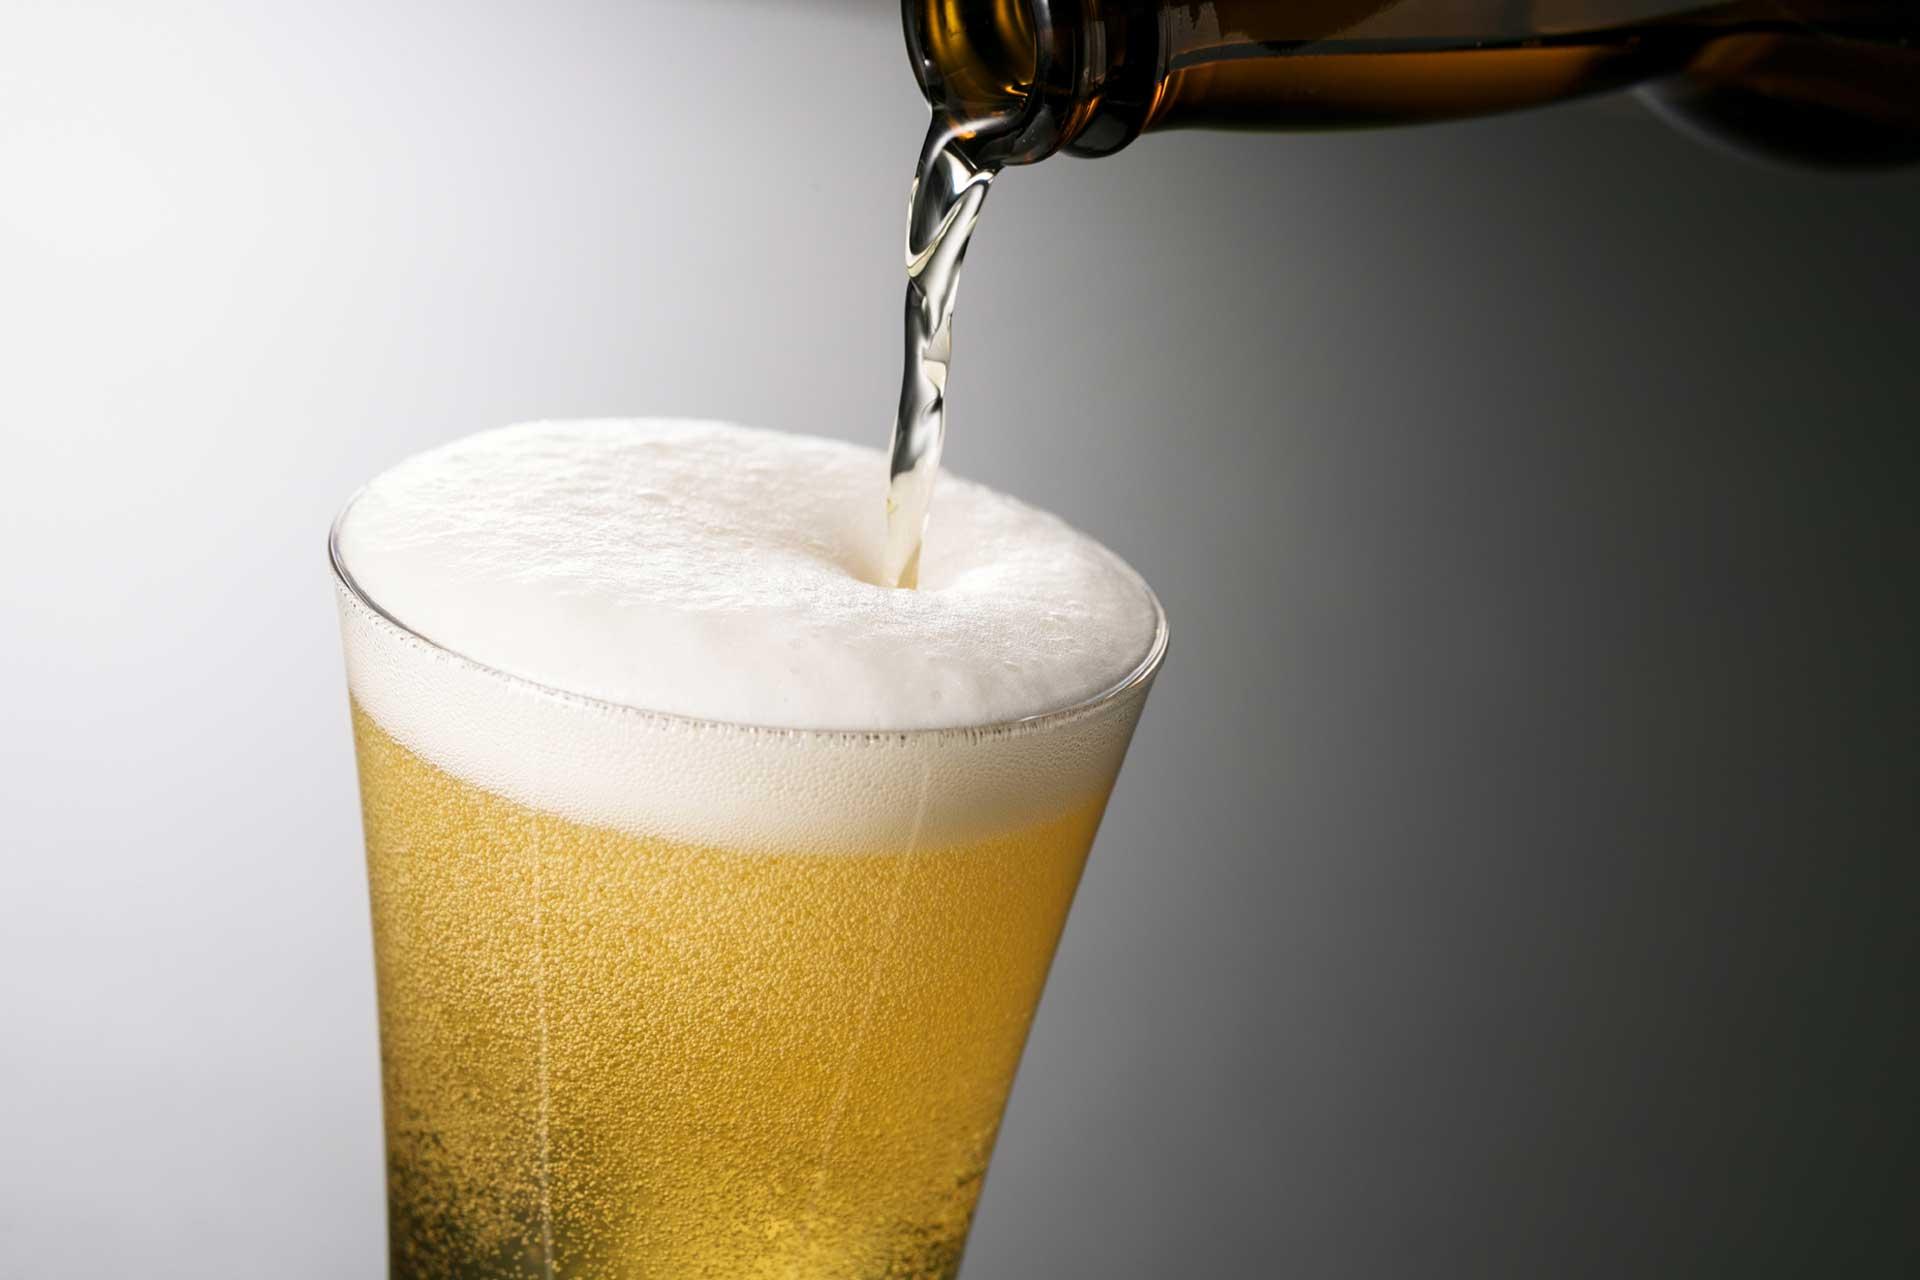 川場ビール(ヴァイツェン) プレミアムヨーグルト のむヨーグルトの商品詳細イメージ-460